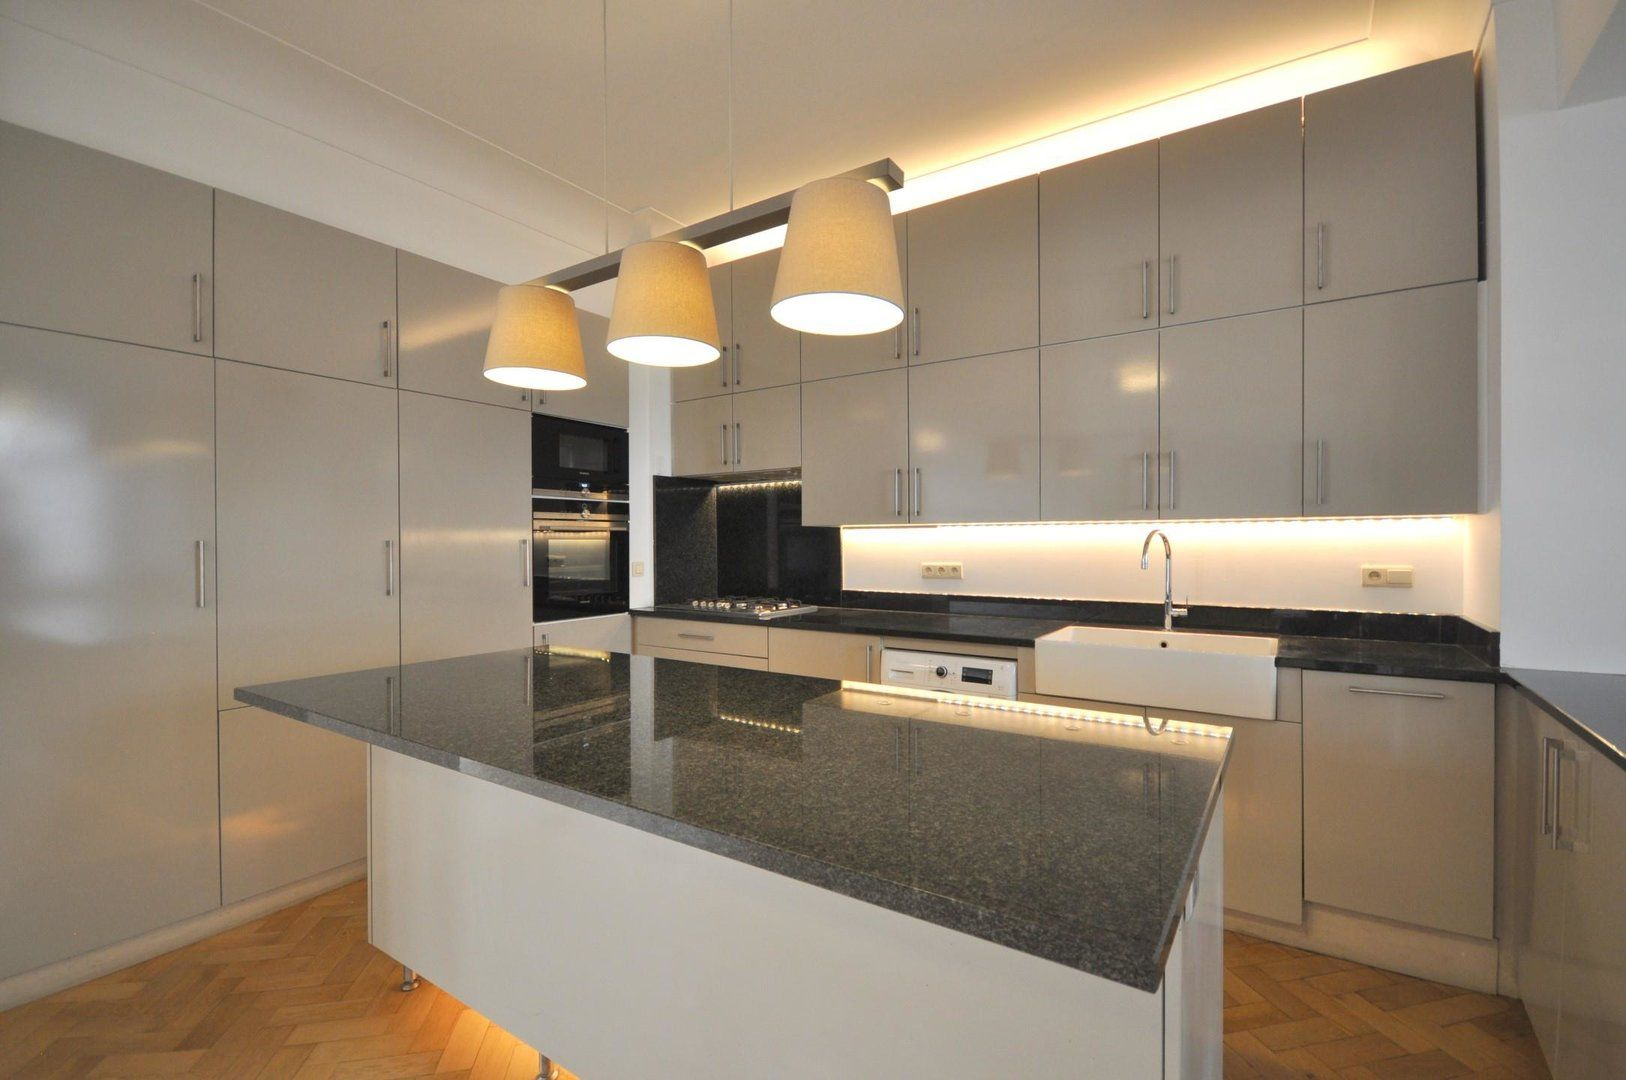 Appartement te huur : rue des pierres 29 1000 brussel op realo